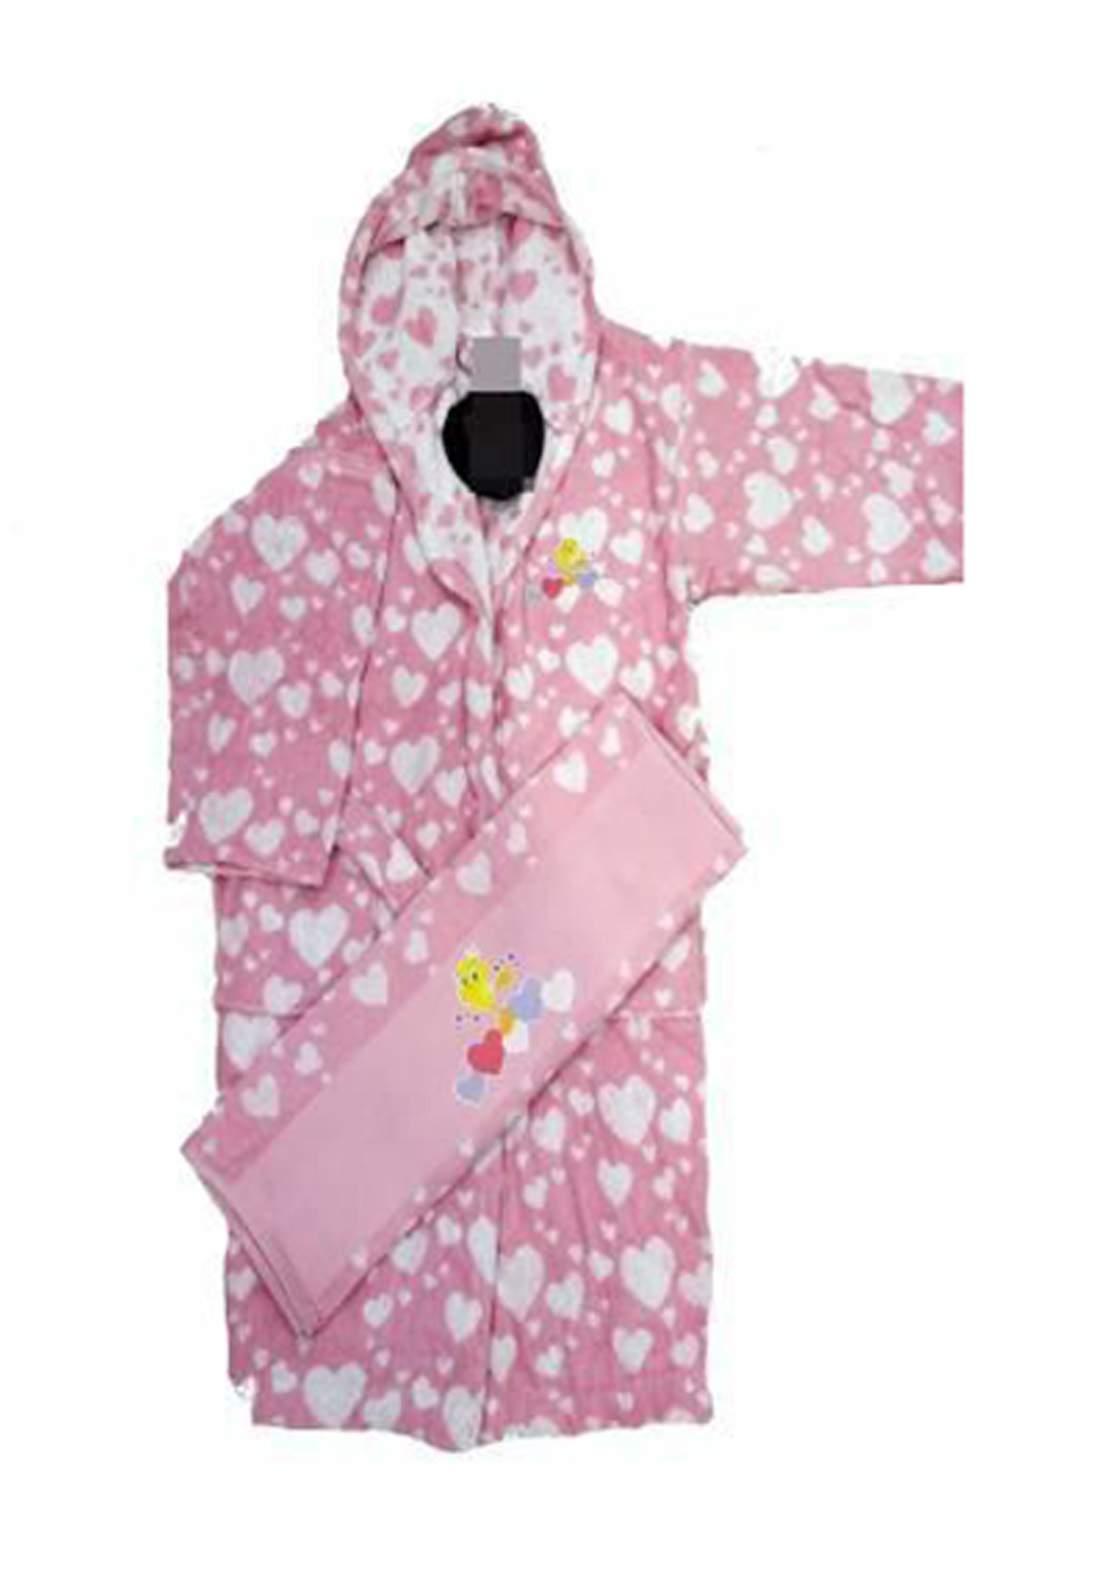 سيت استحمام للاطفال بناتي وردي اللون من ozdlik